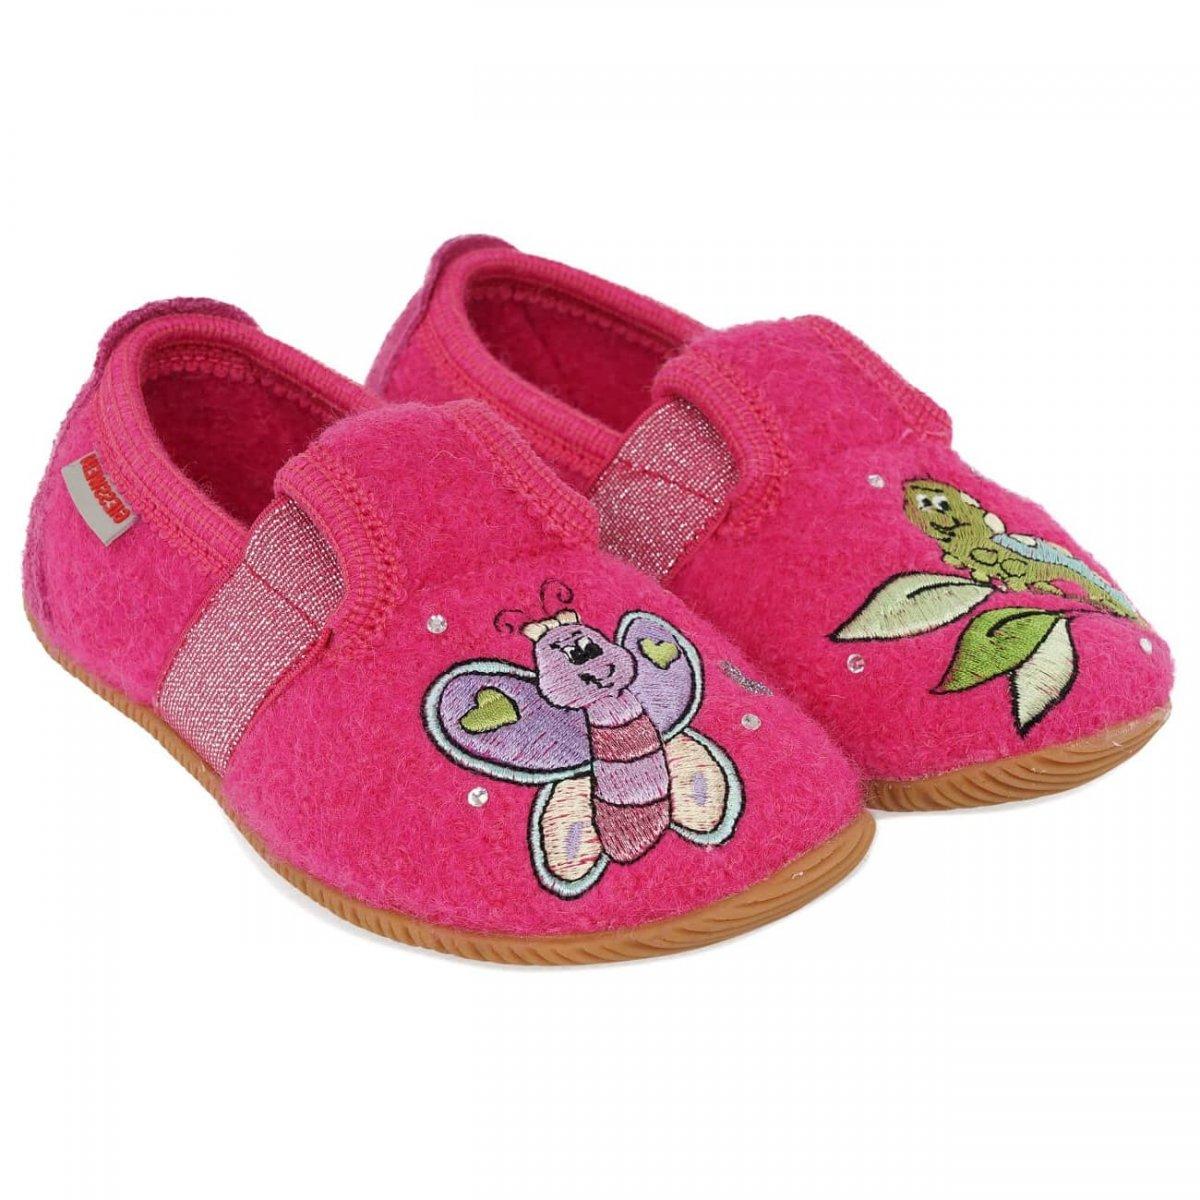 caratteristiche eccezionali vendita uk vendita professionale GIESSWEIN | pantofole bimba modello SCHLIER con motivo farfalla